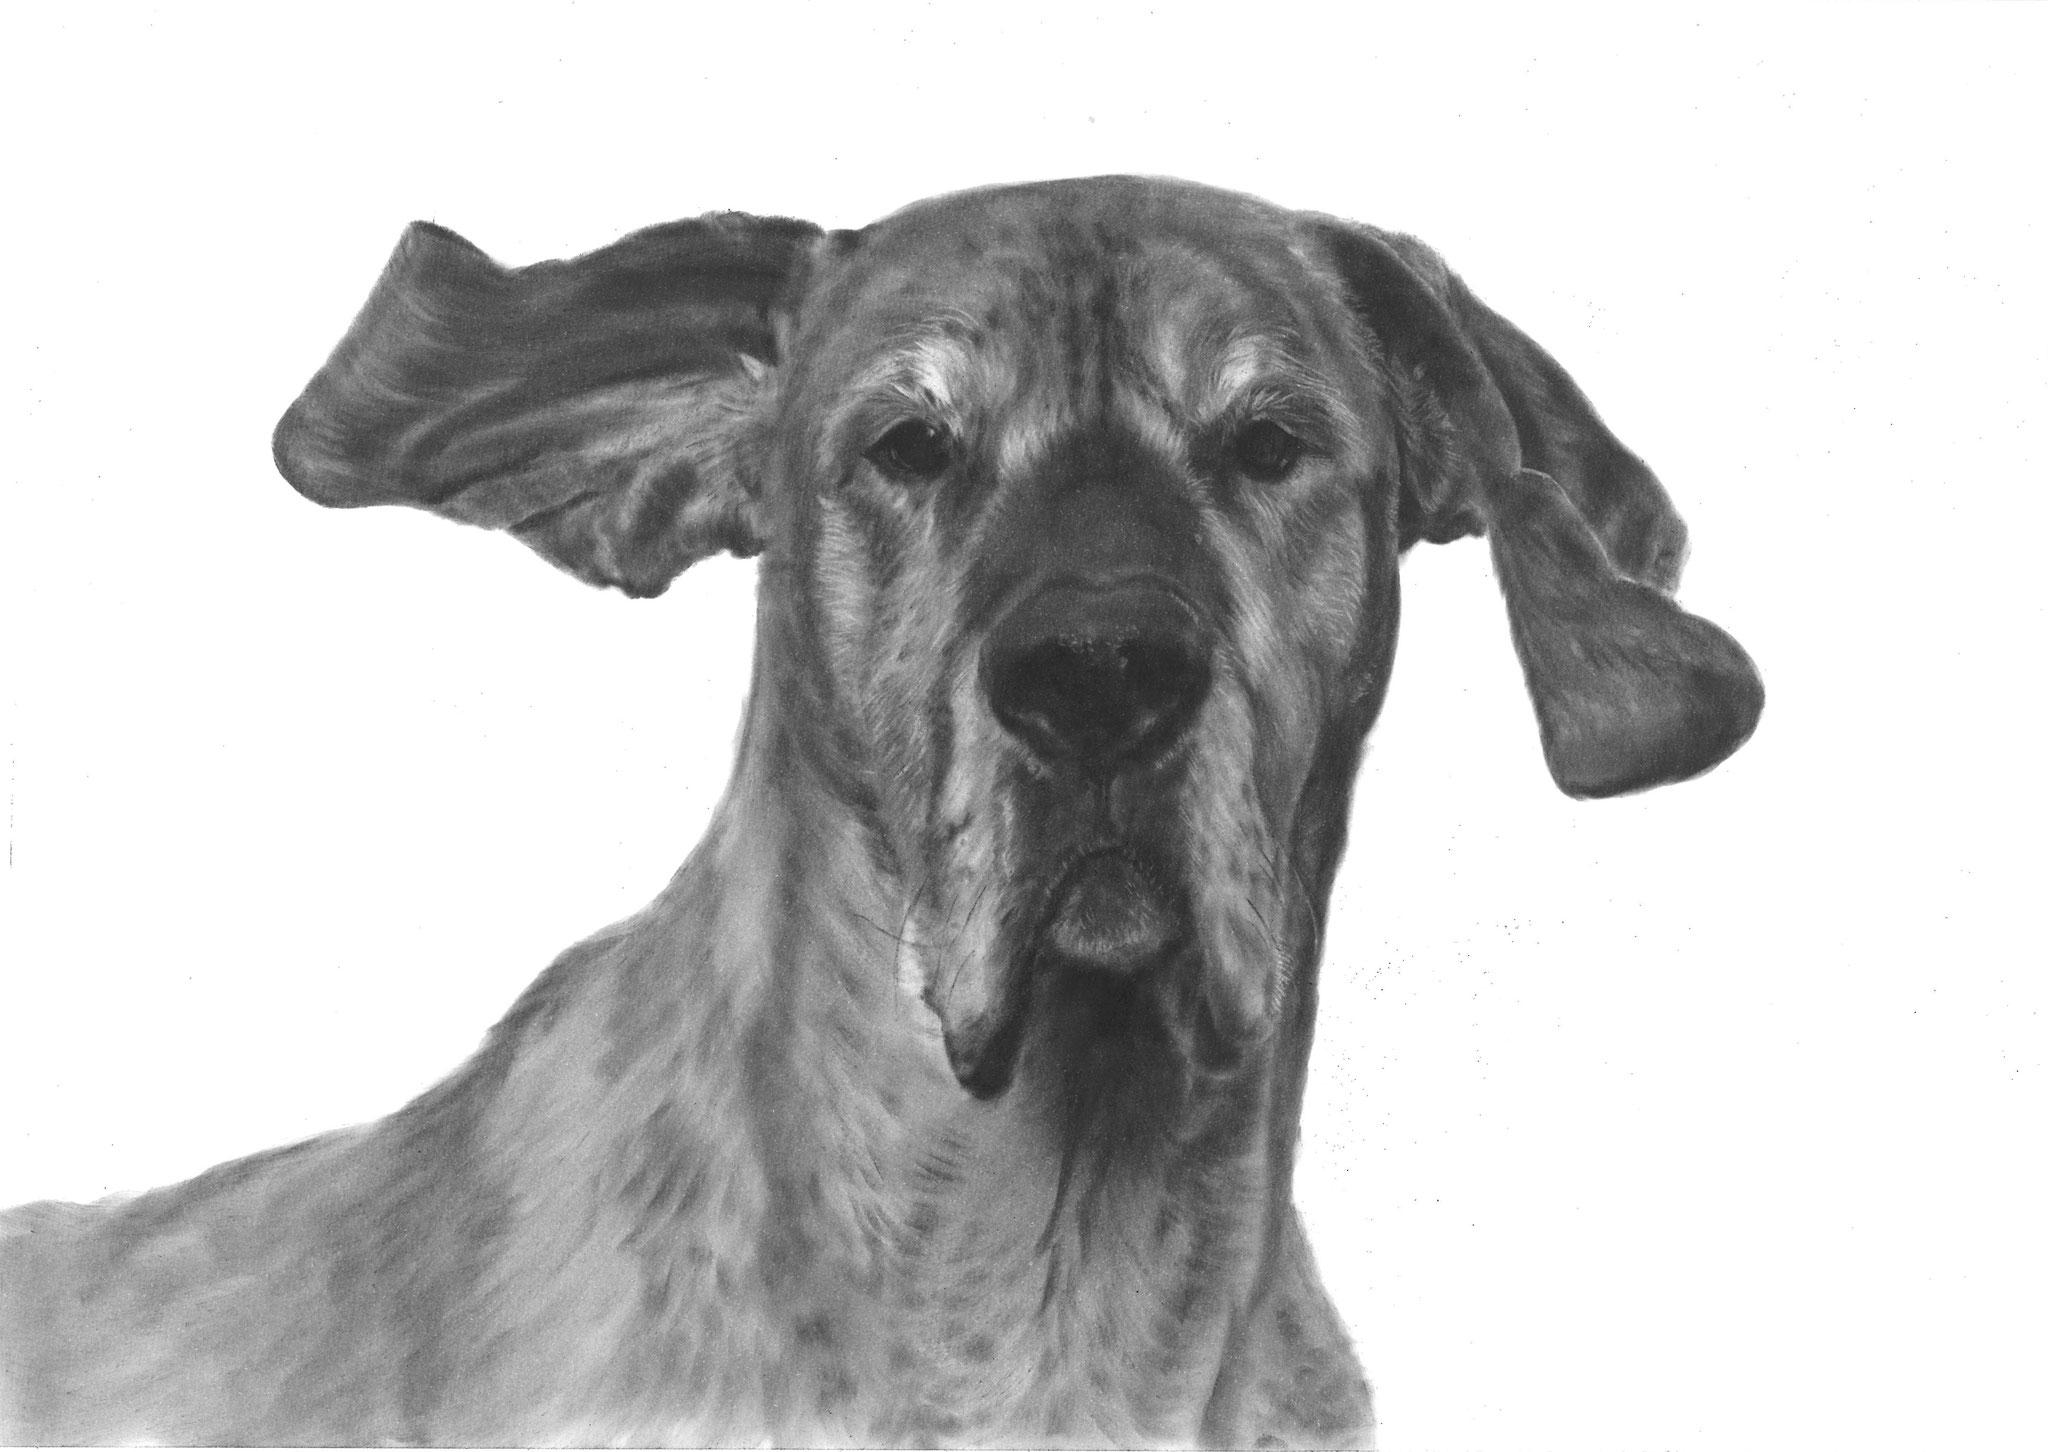 'In liefdevolle herinnering aan Tula de Duitse Dog'